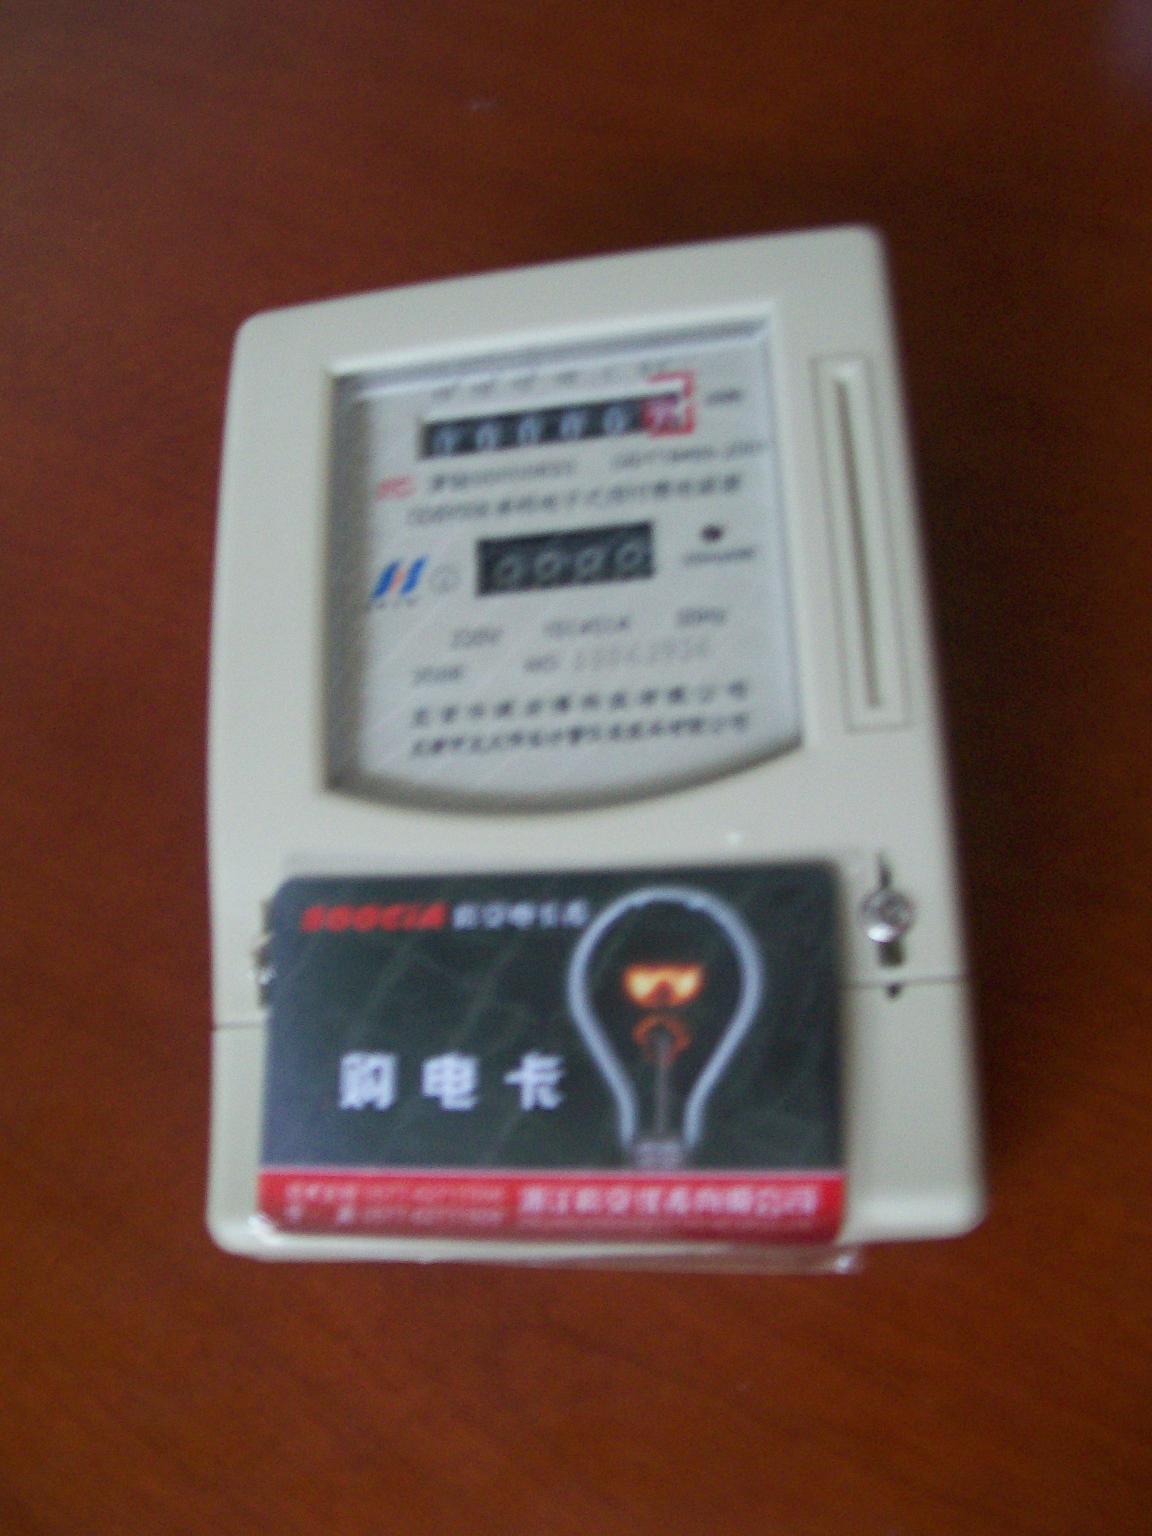 预付费电表图片 预付费电表样板图 IC卡预付费电表北京 北...